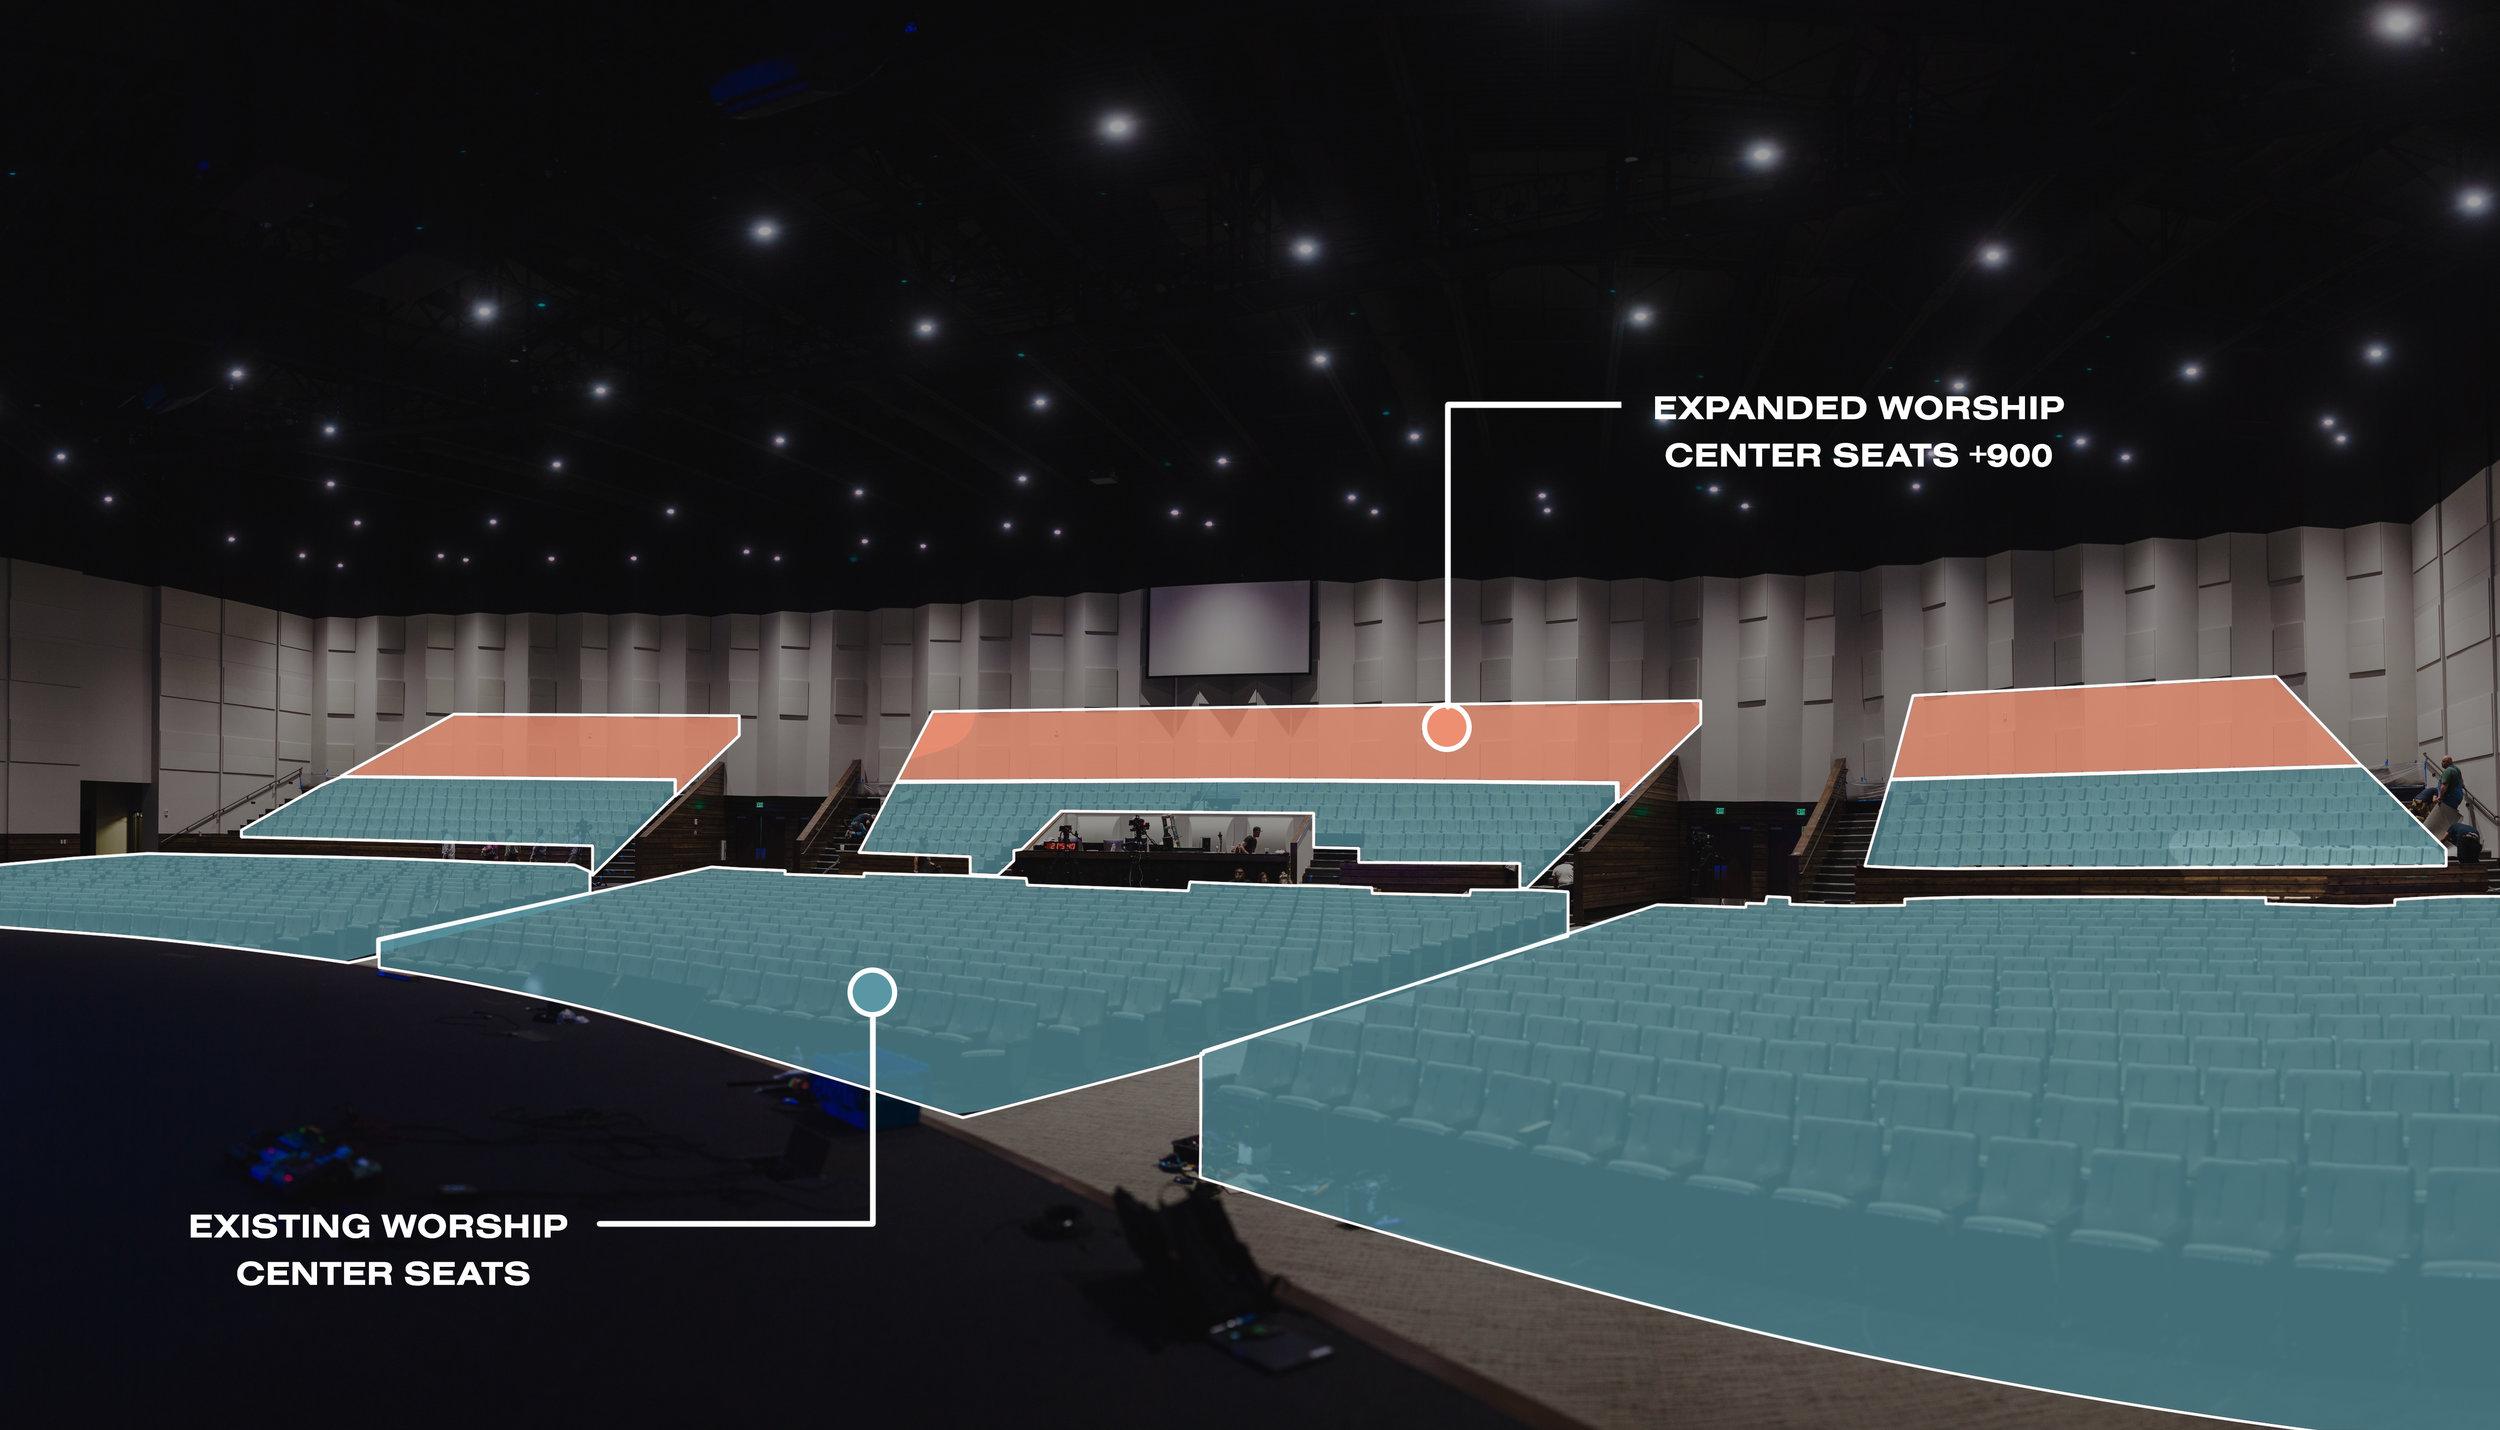 Worship Center Expansion